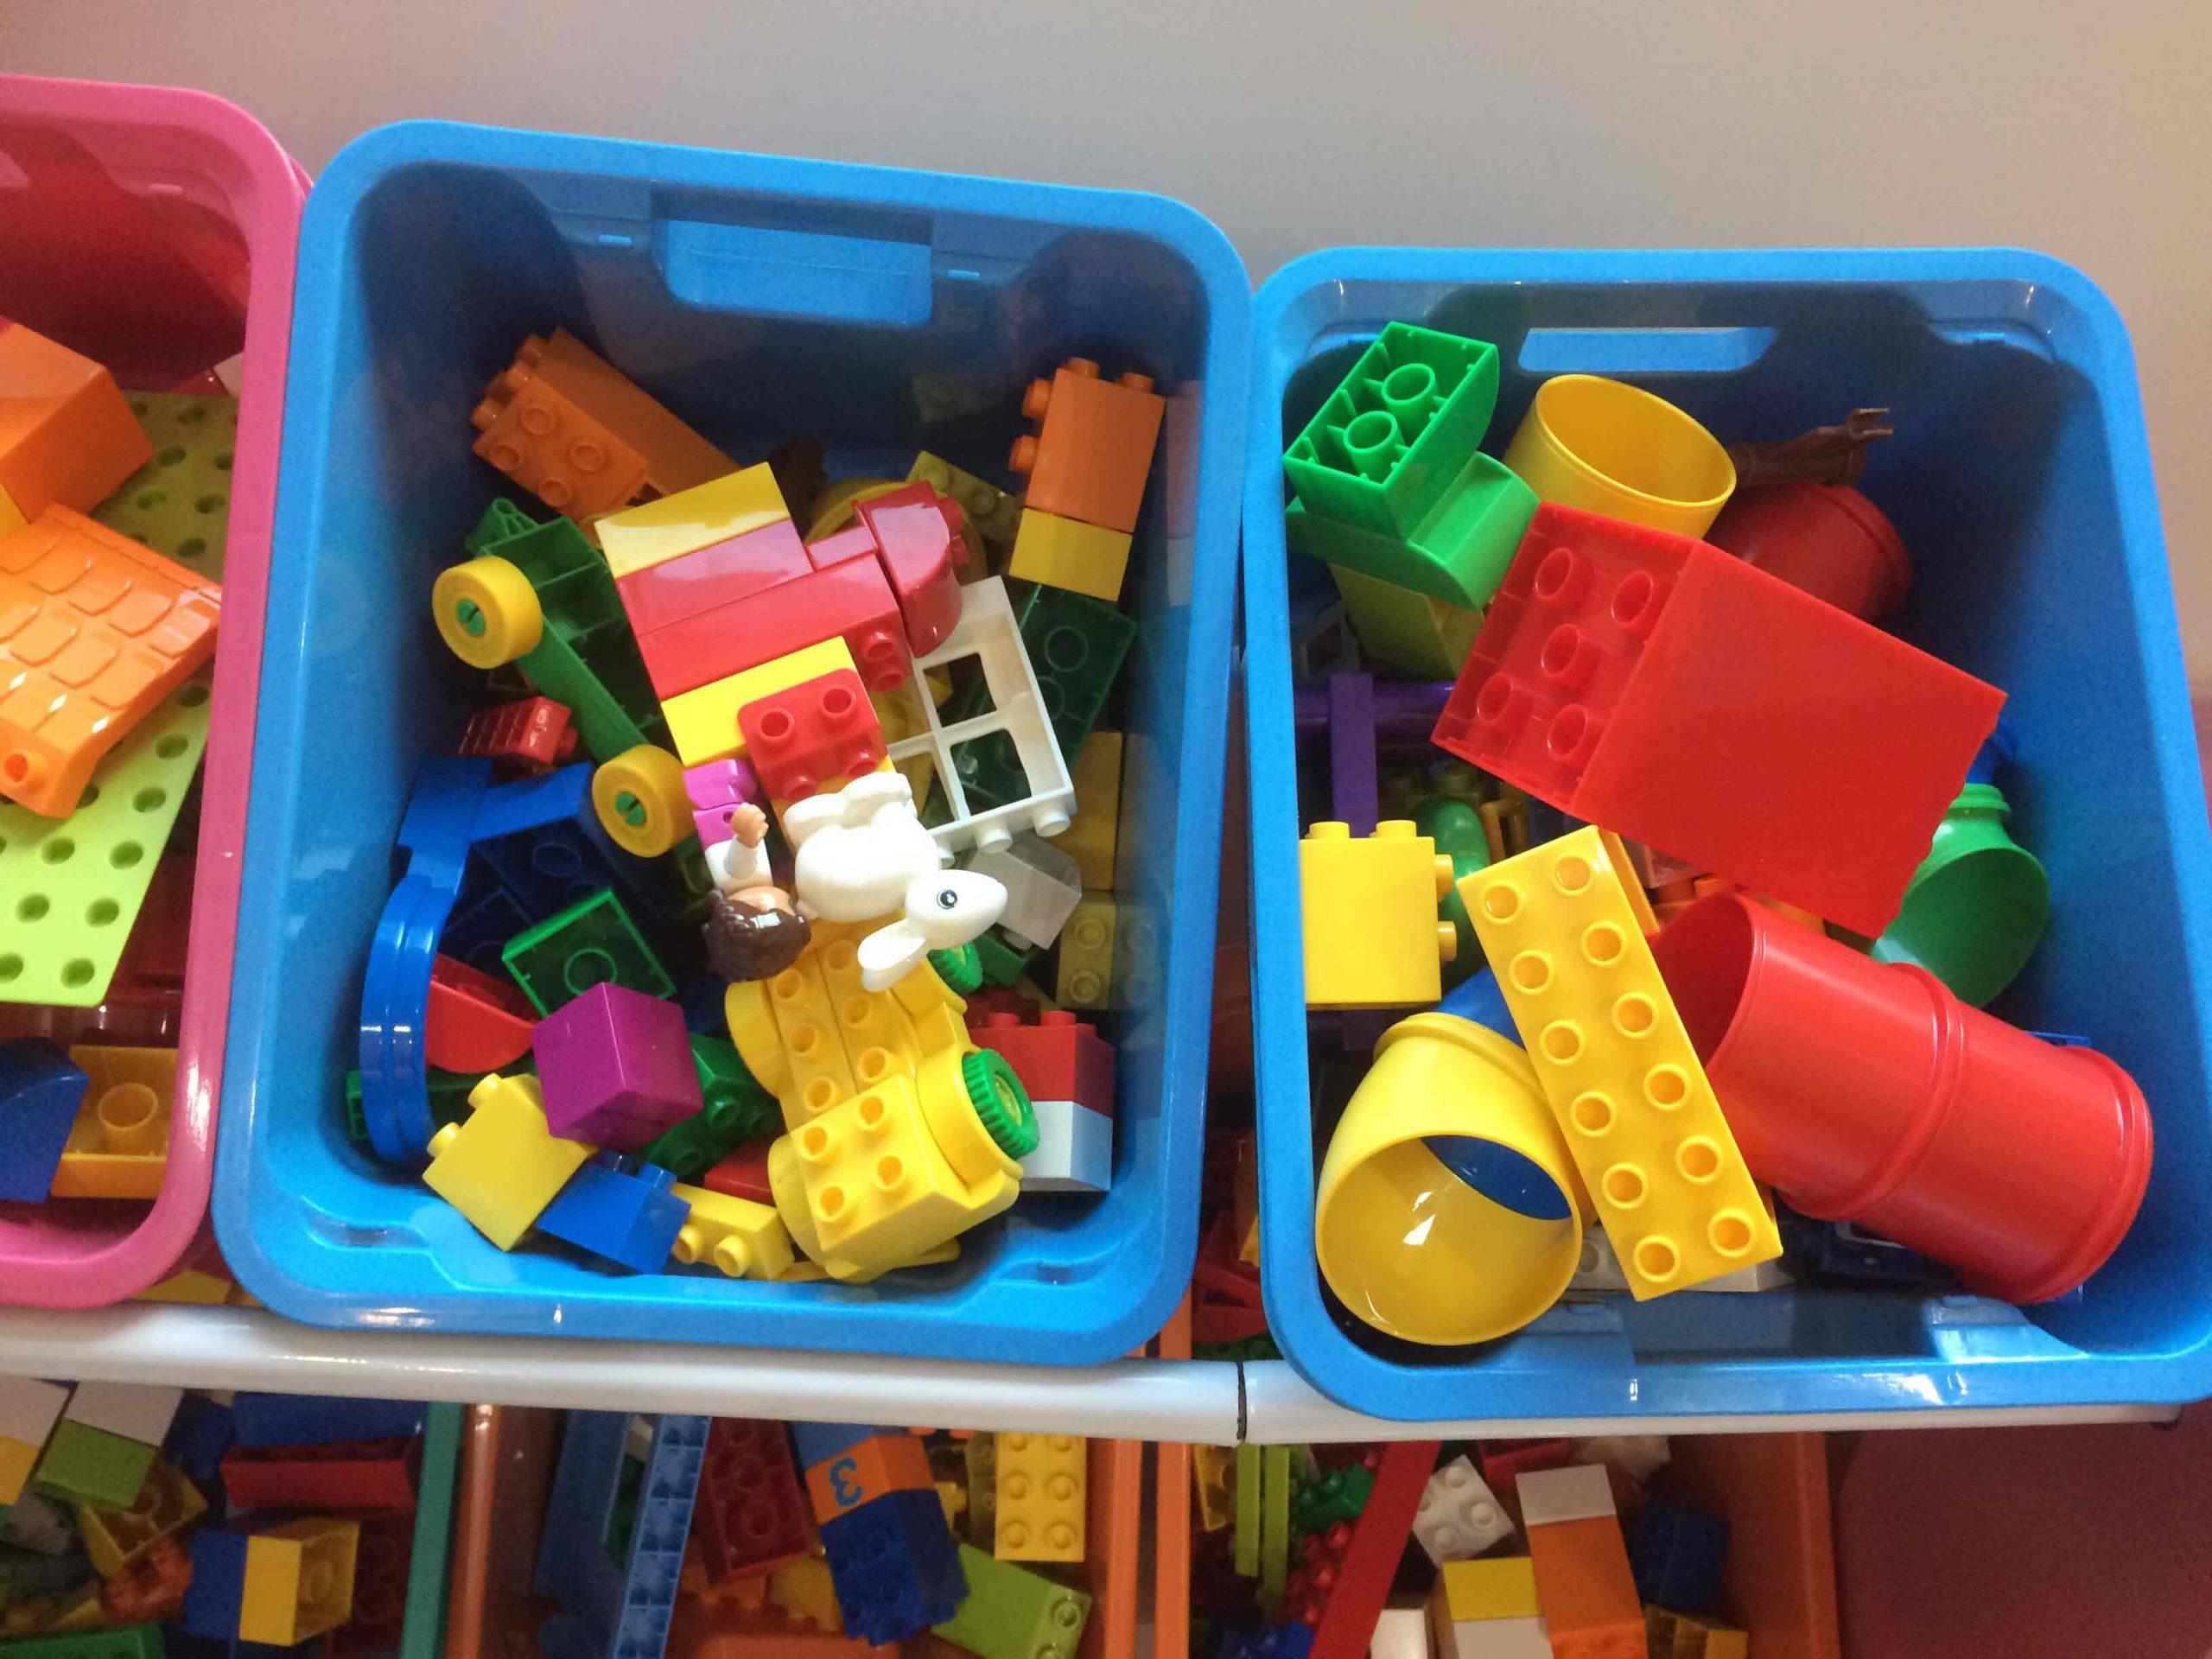 超前部署 – 家庭預備物資清單:教育、娛樂